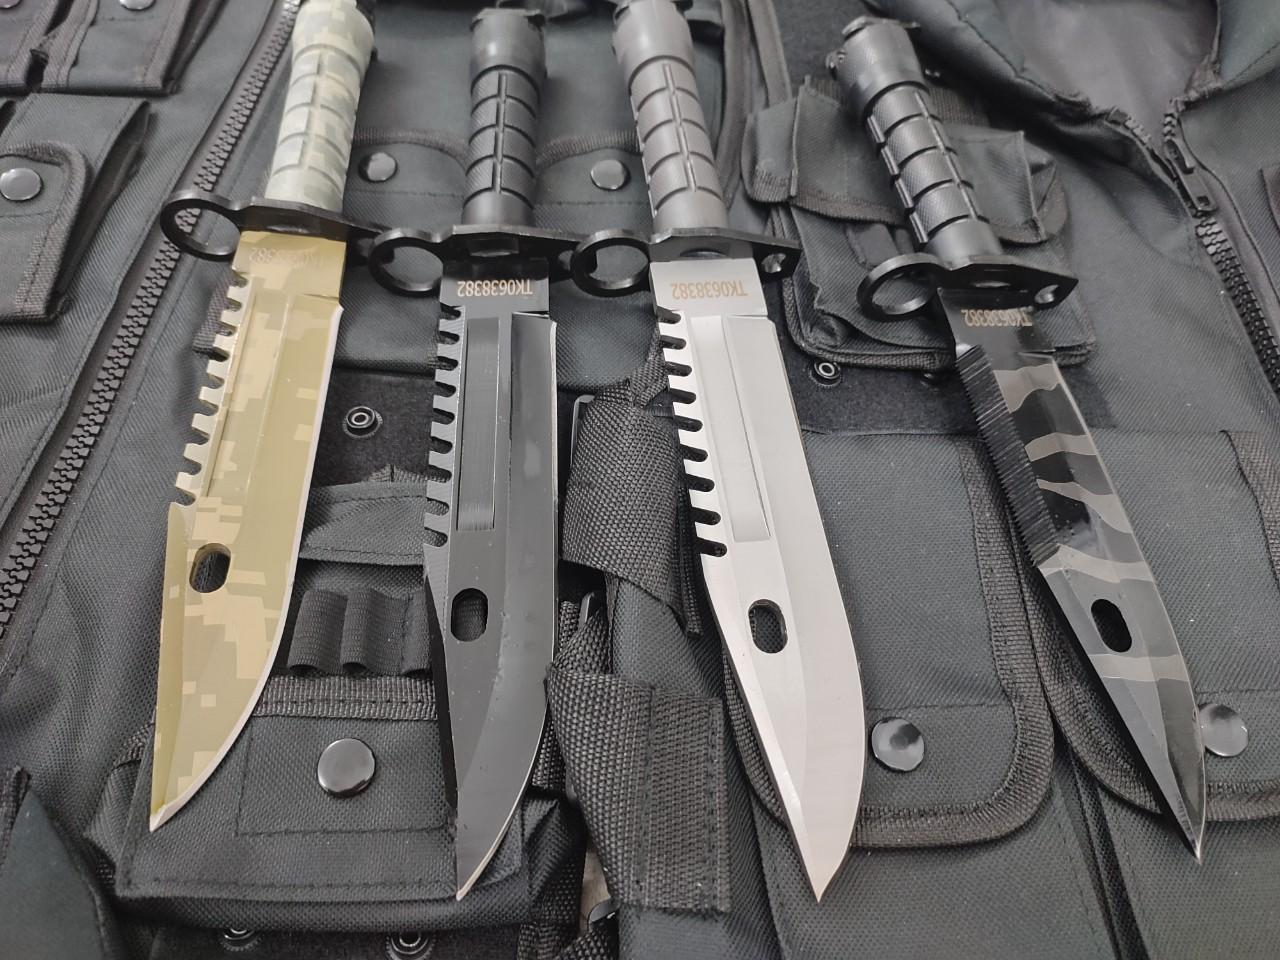 dao găm M9 34cm cho anh em đi rừng